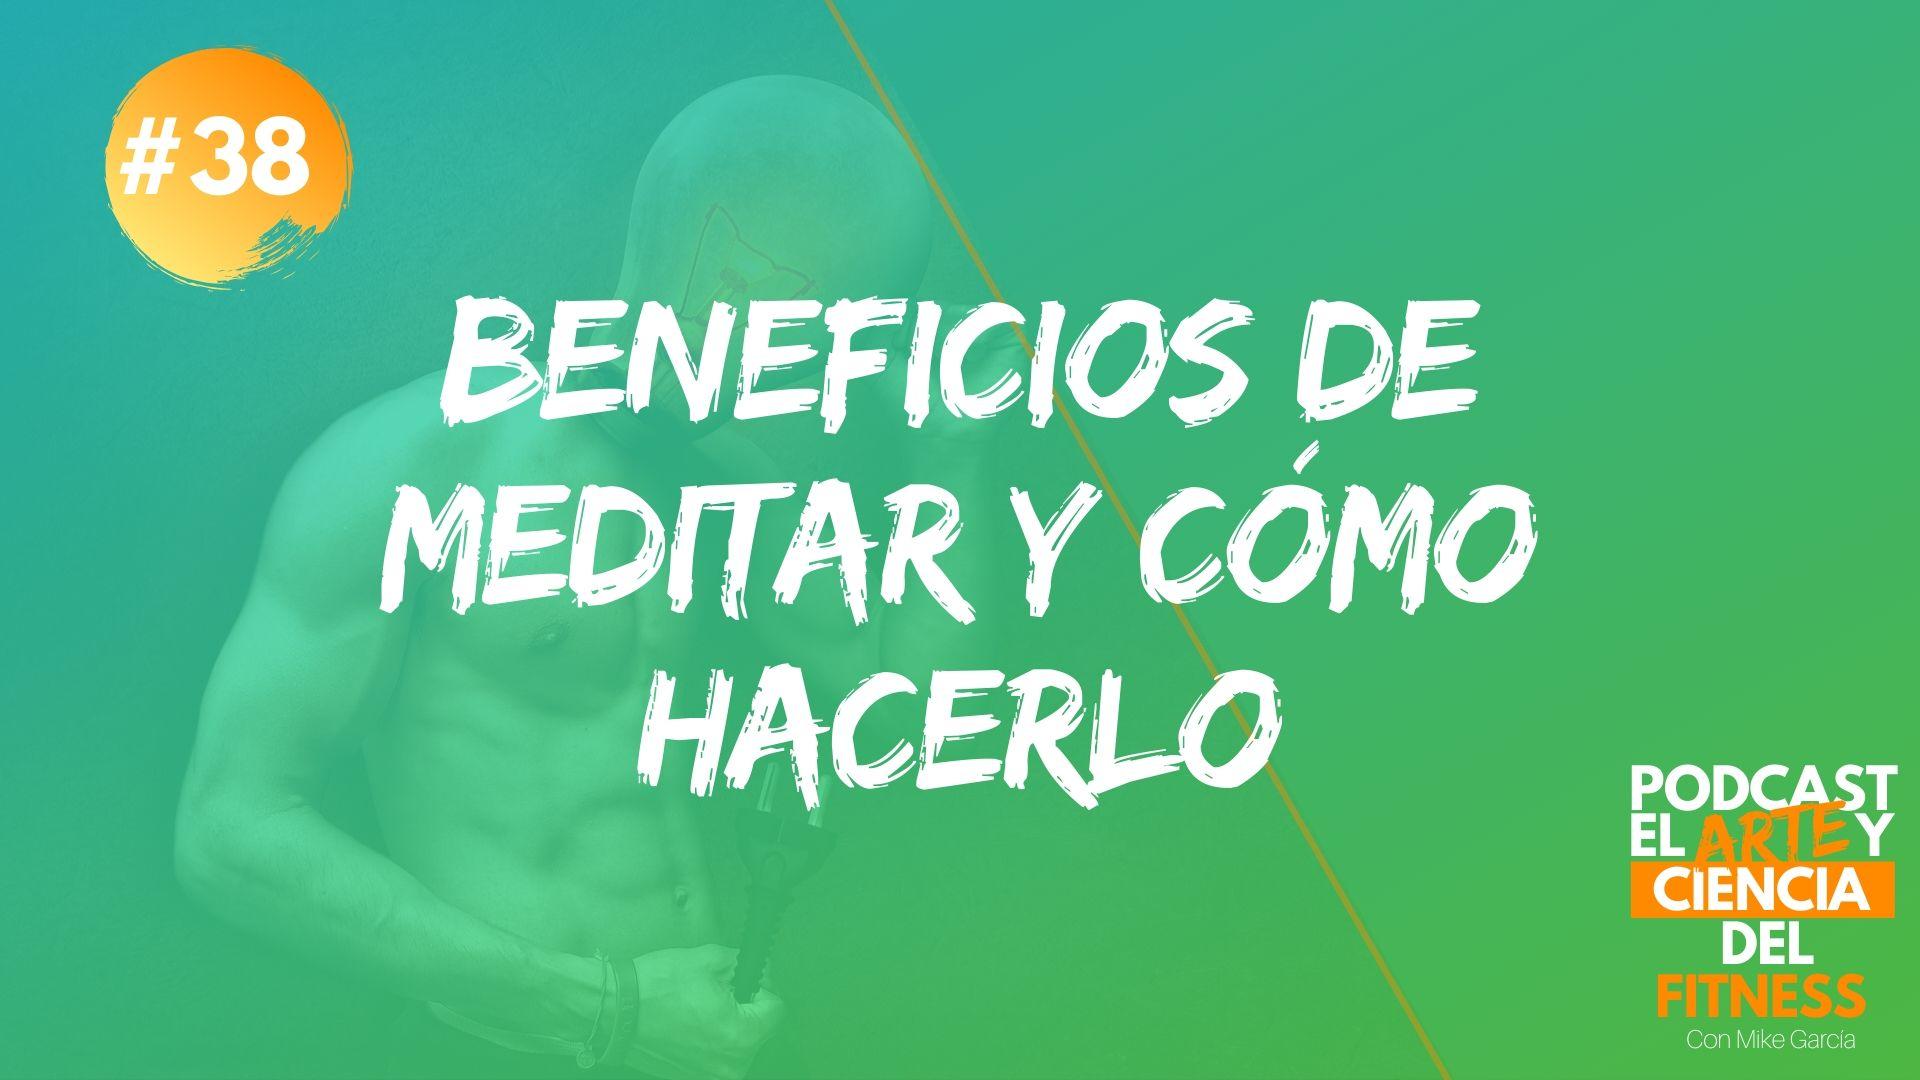 Podcast #38: Beneficios De Meditar y Cómo hacerlo